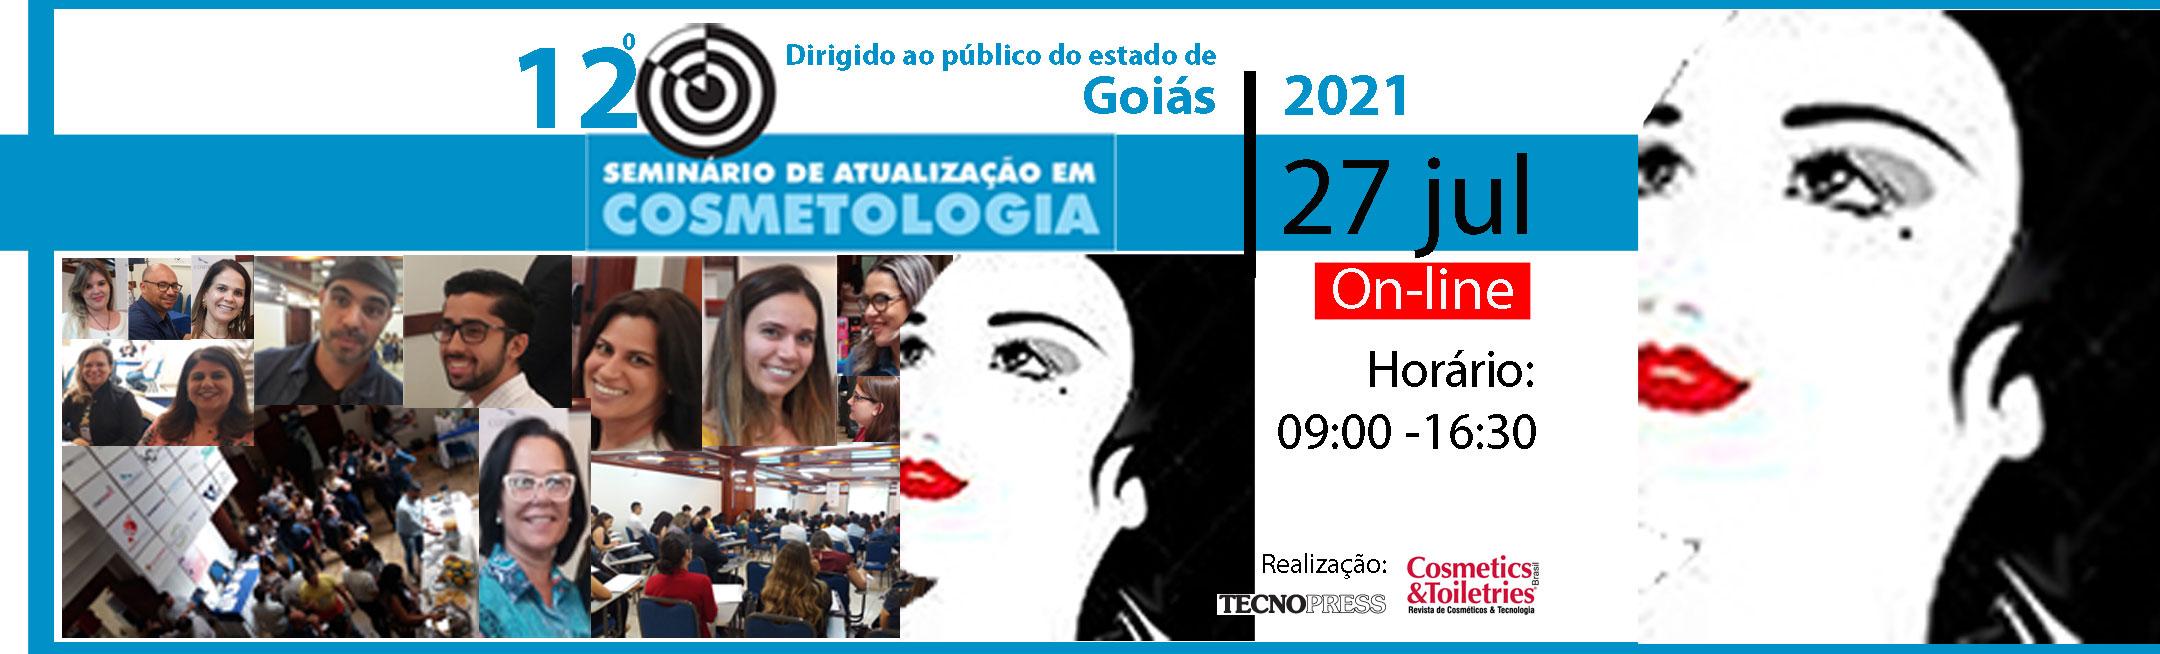 12º Seminário de Atualização em Cosmetologia de Goiás